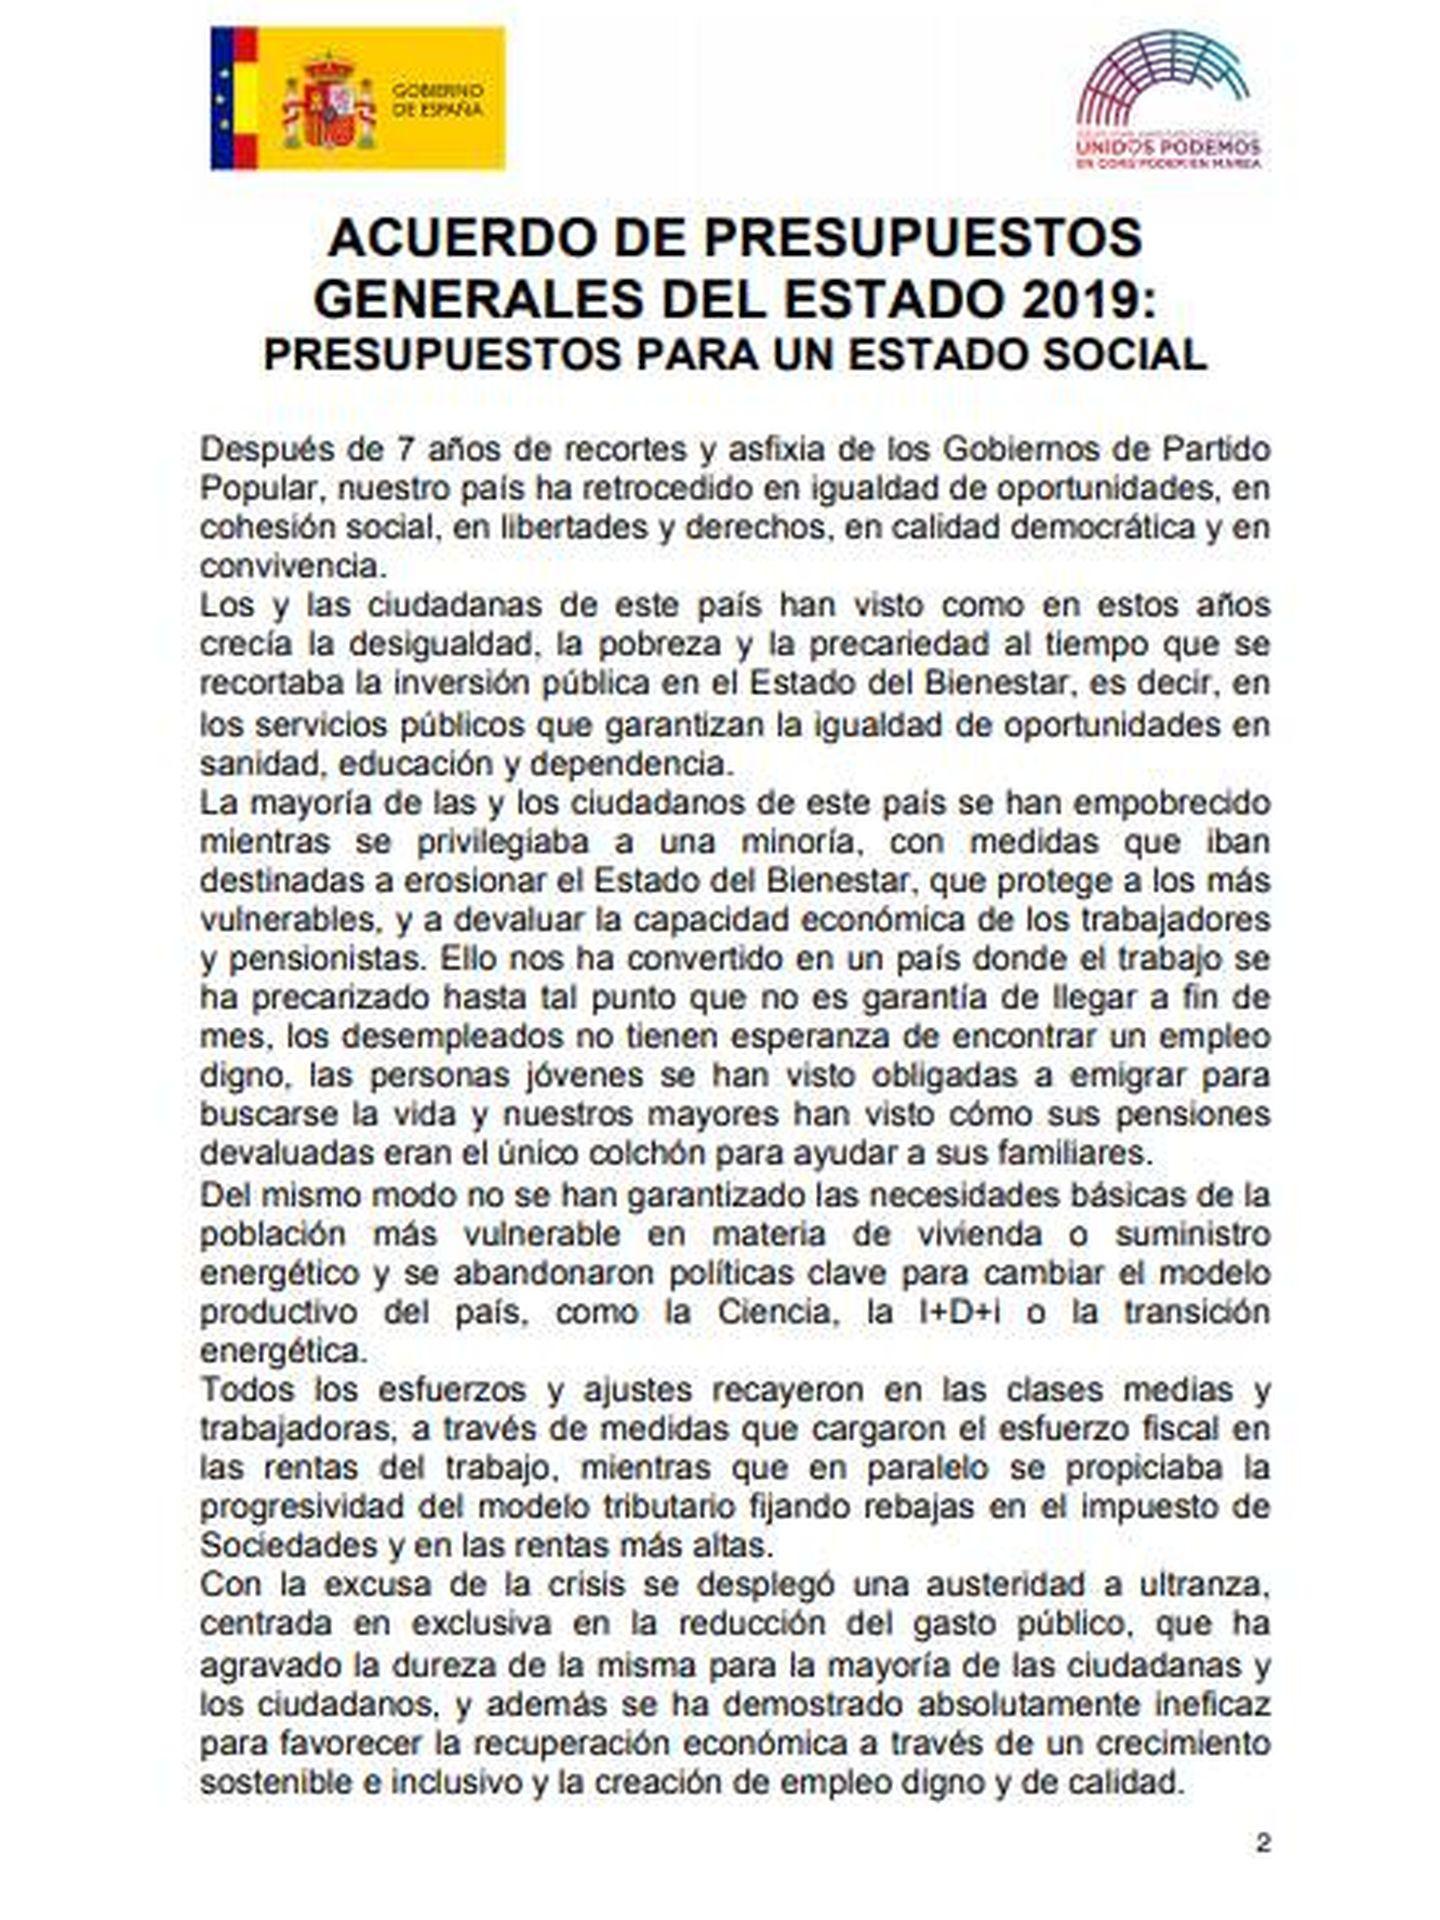 El acuerdo para los PGE firmado por Sánchez e Iglesias